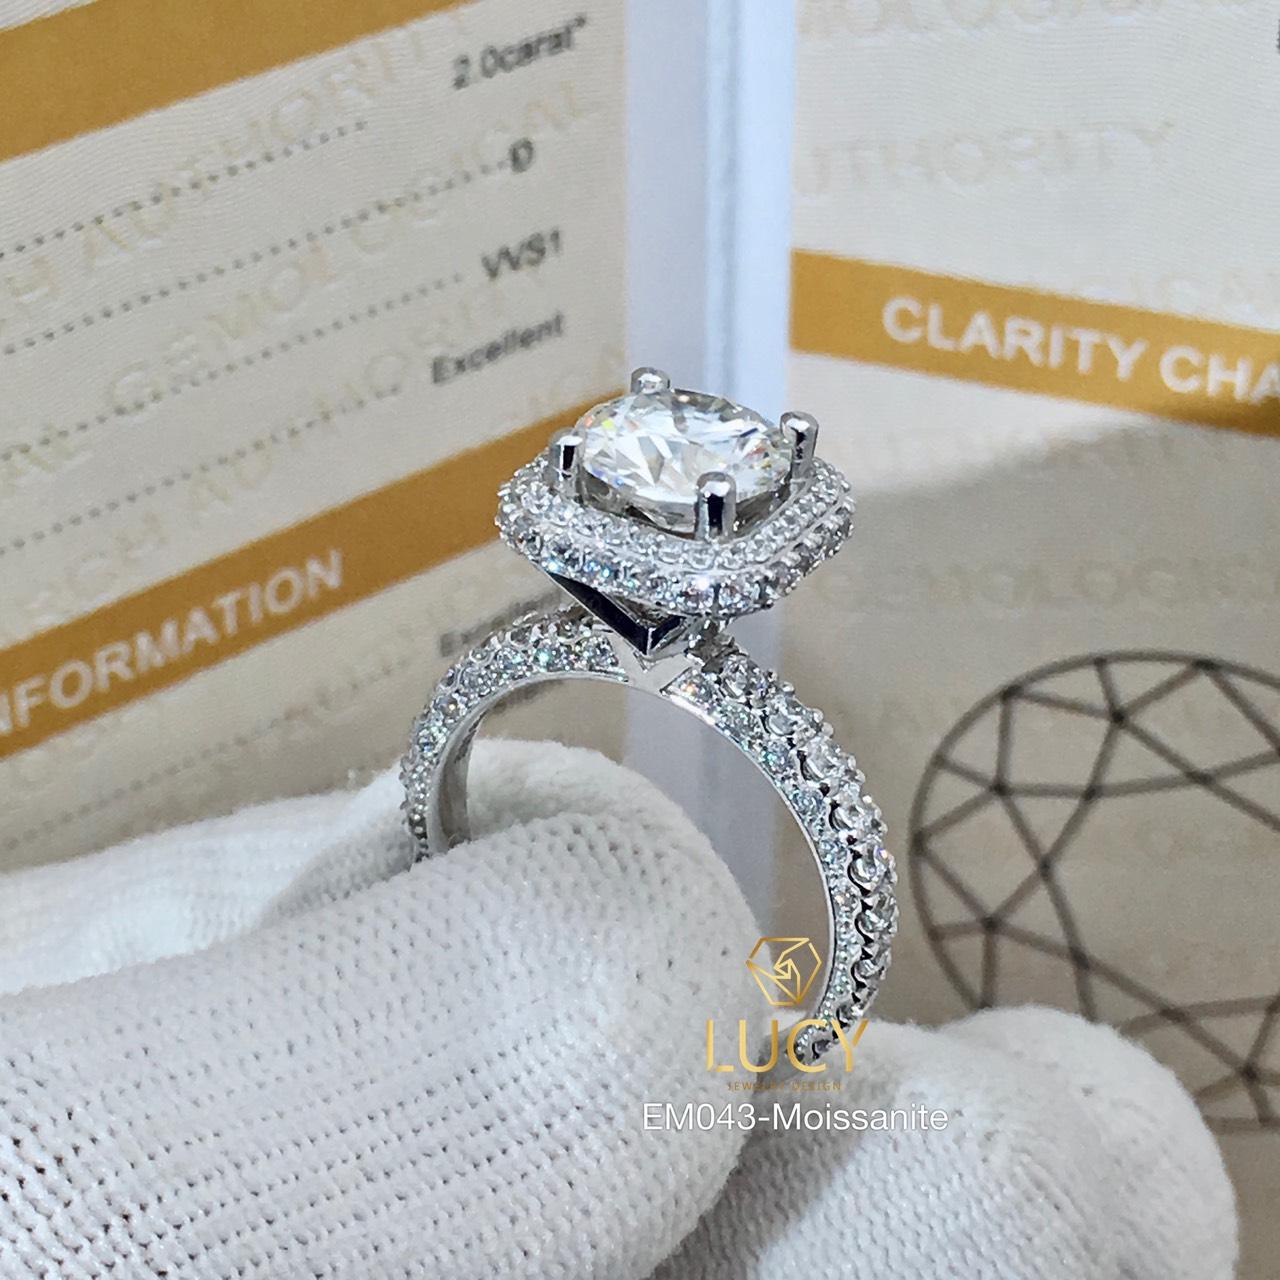 EM043 Nhẫn nữ vàng, nhẫn ổ kim 8.1mm, nhẫn thiết kế, nhẫn cầu hôn, nhẫn đính hôn - Lucy Jewelry